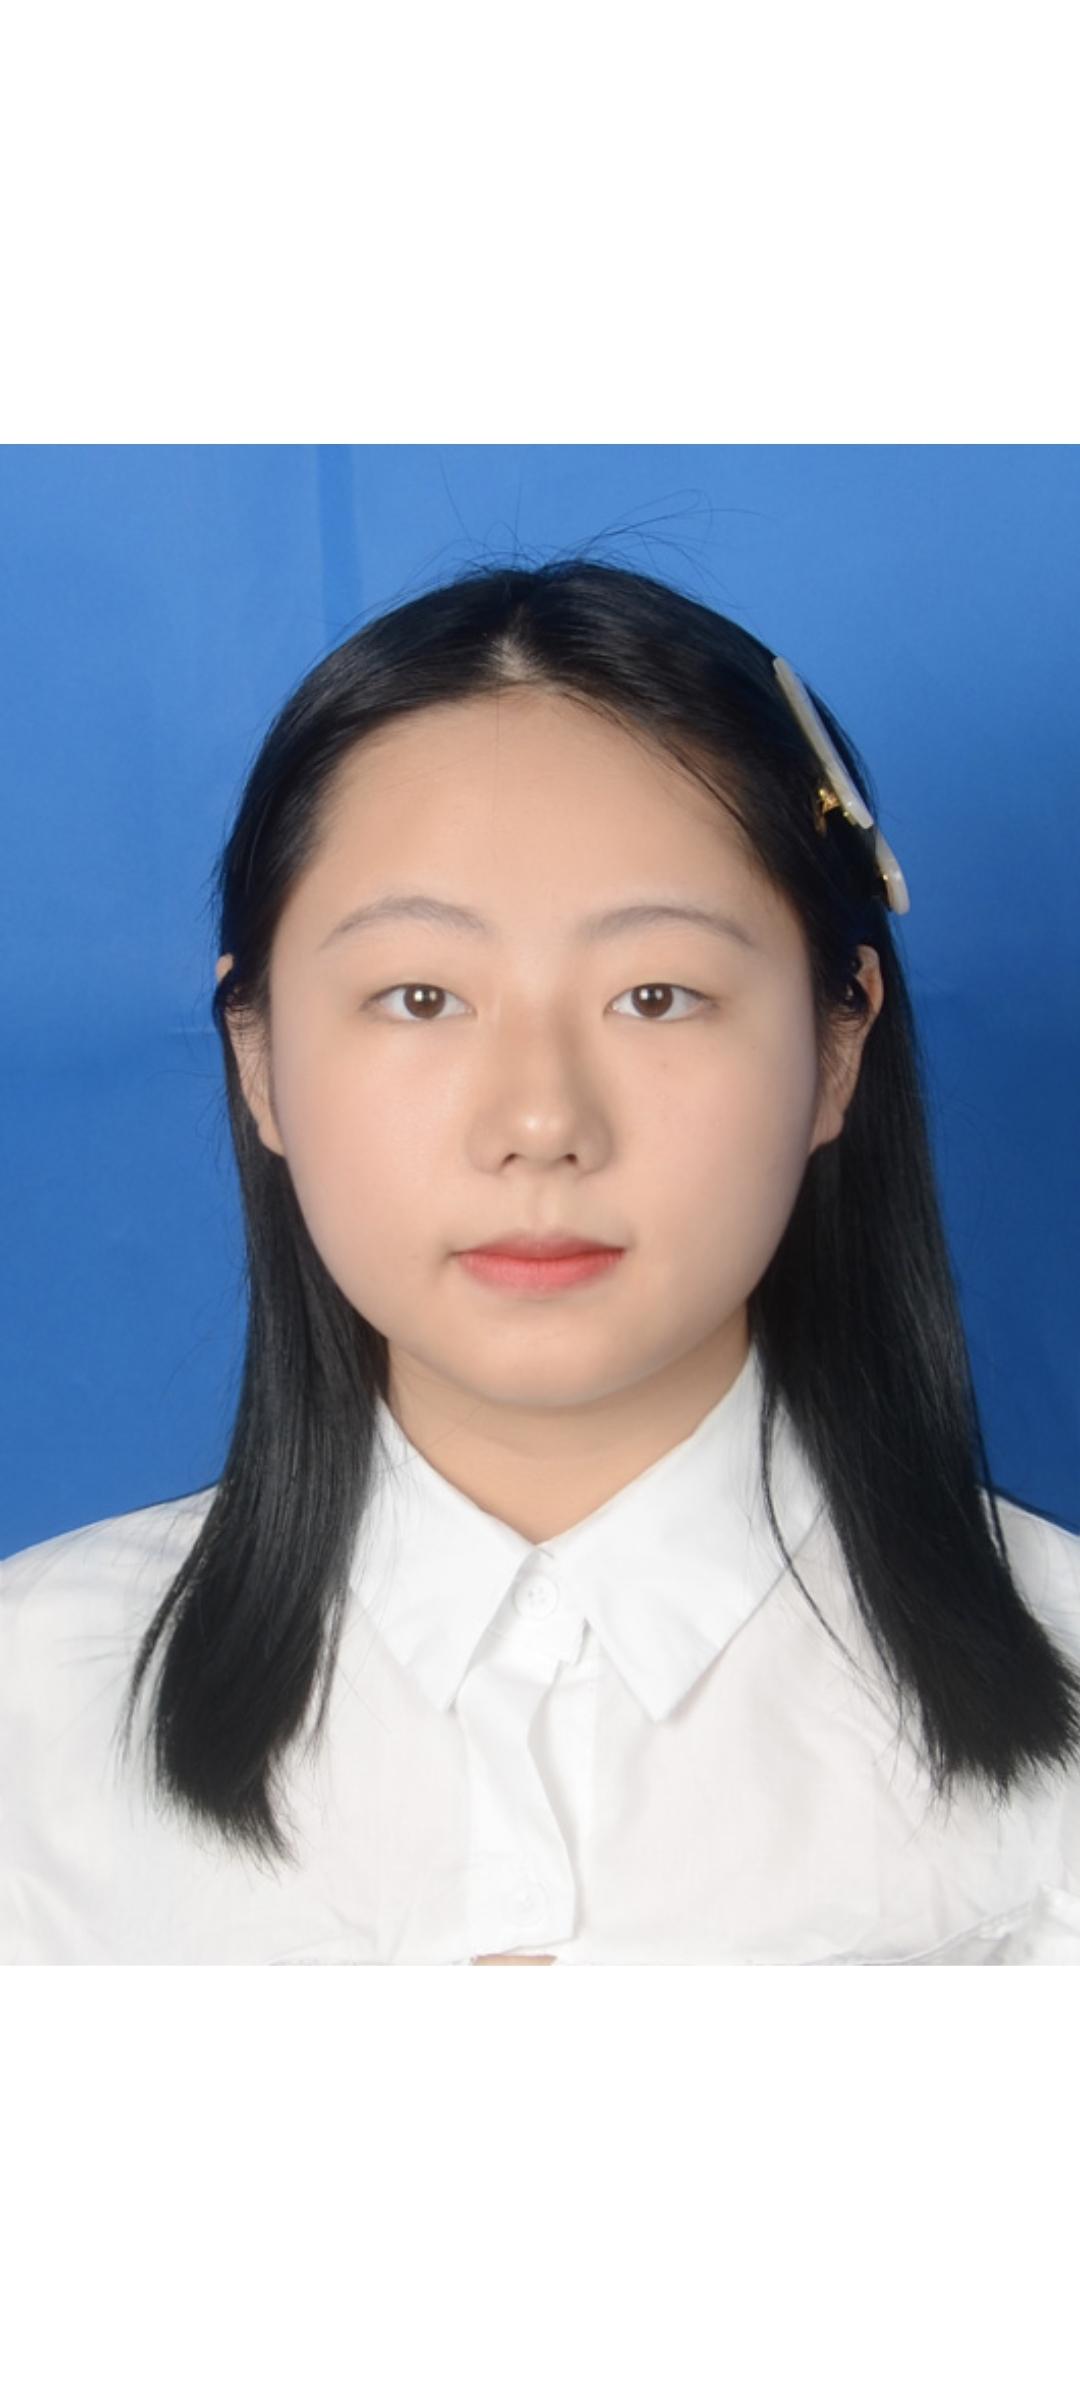 广州家教兰教员